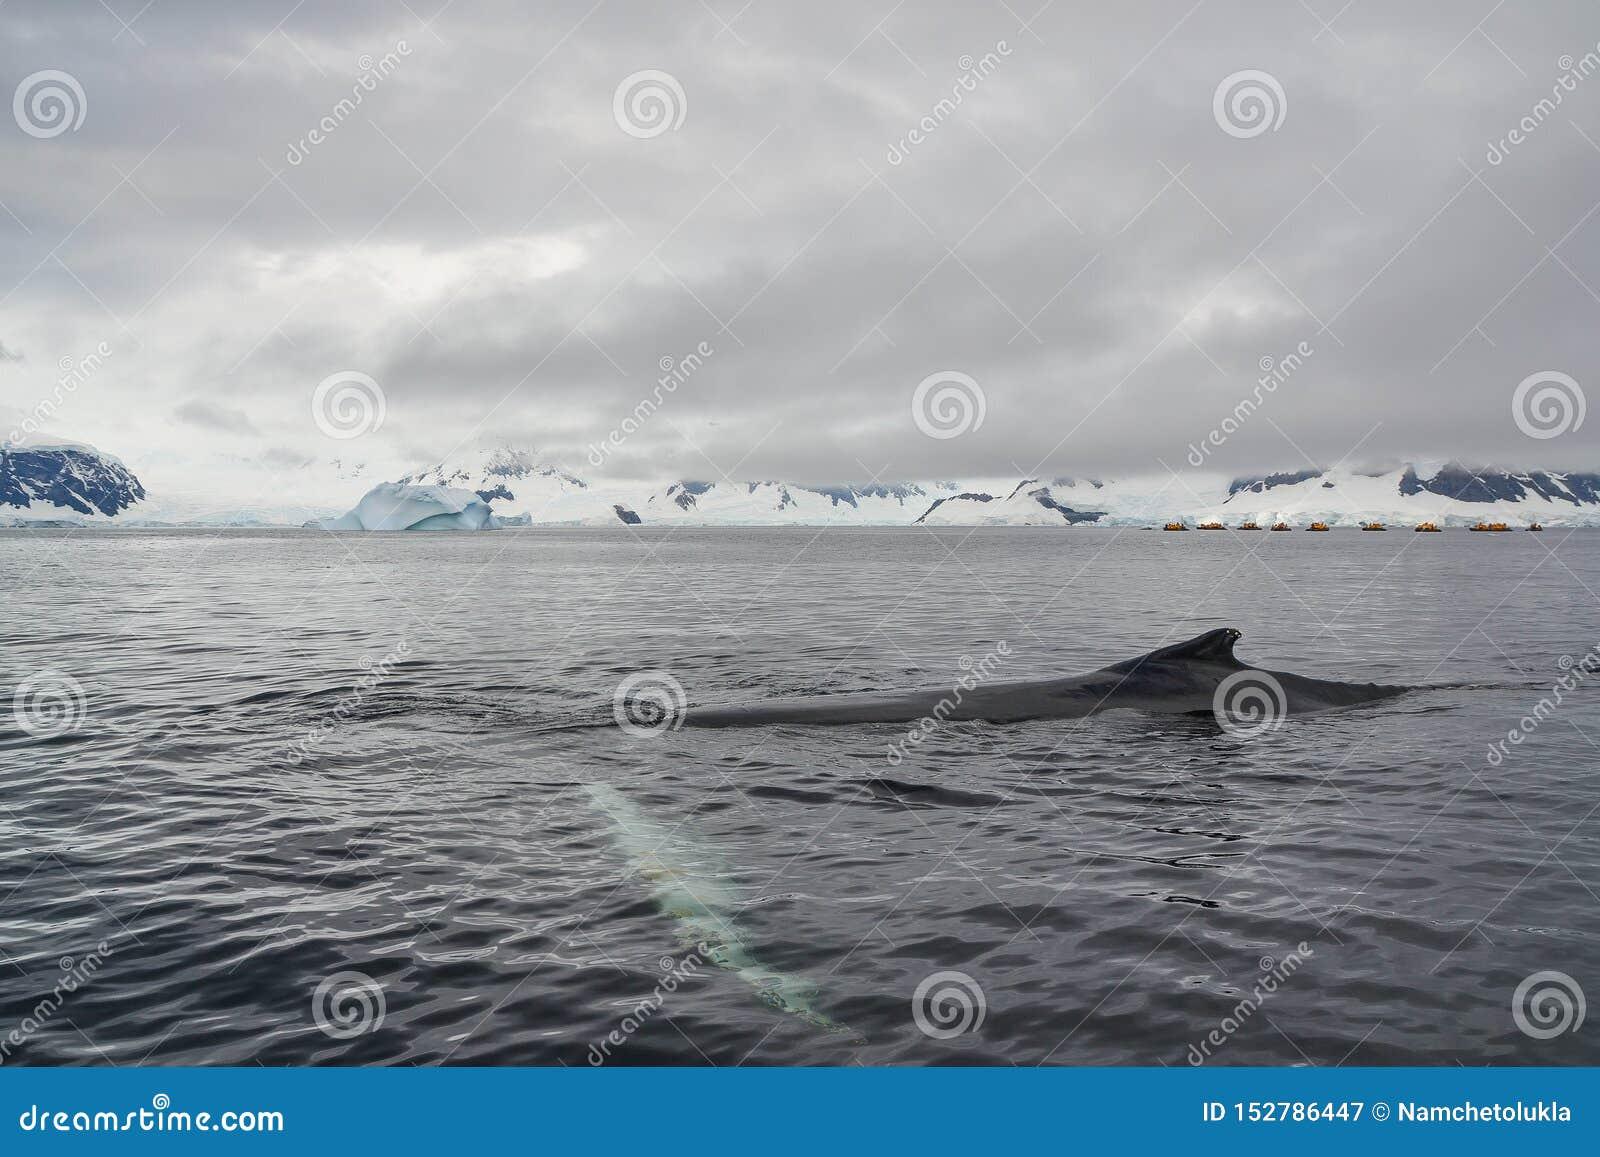 Nuoto della balena attraverso le acque antartiche